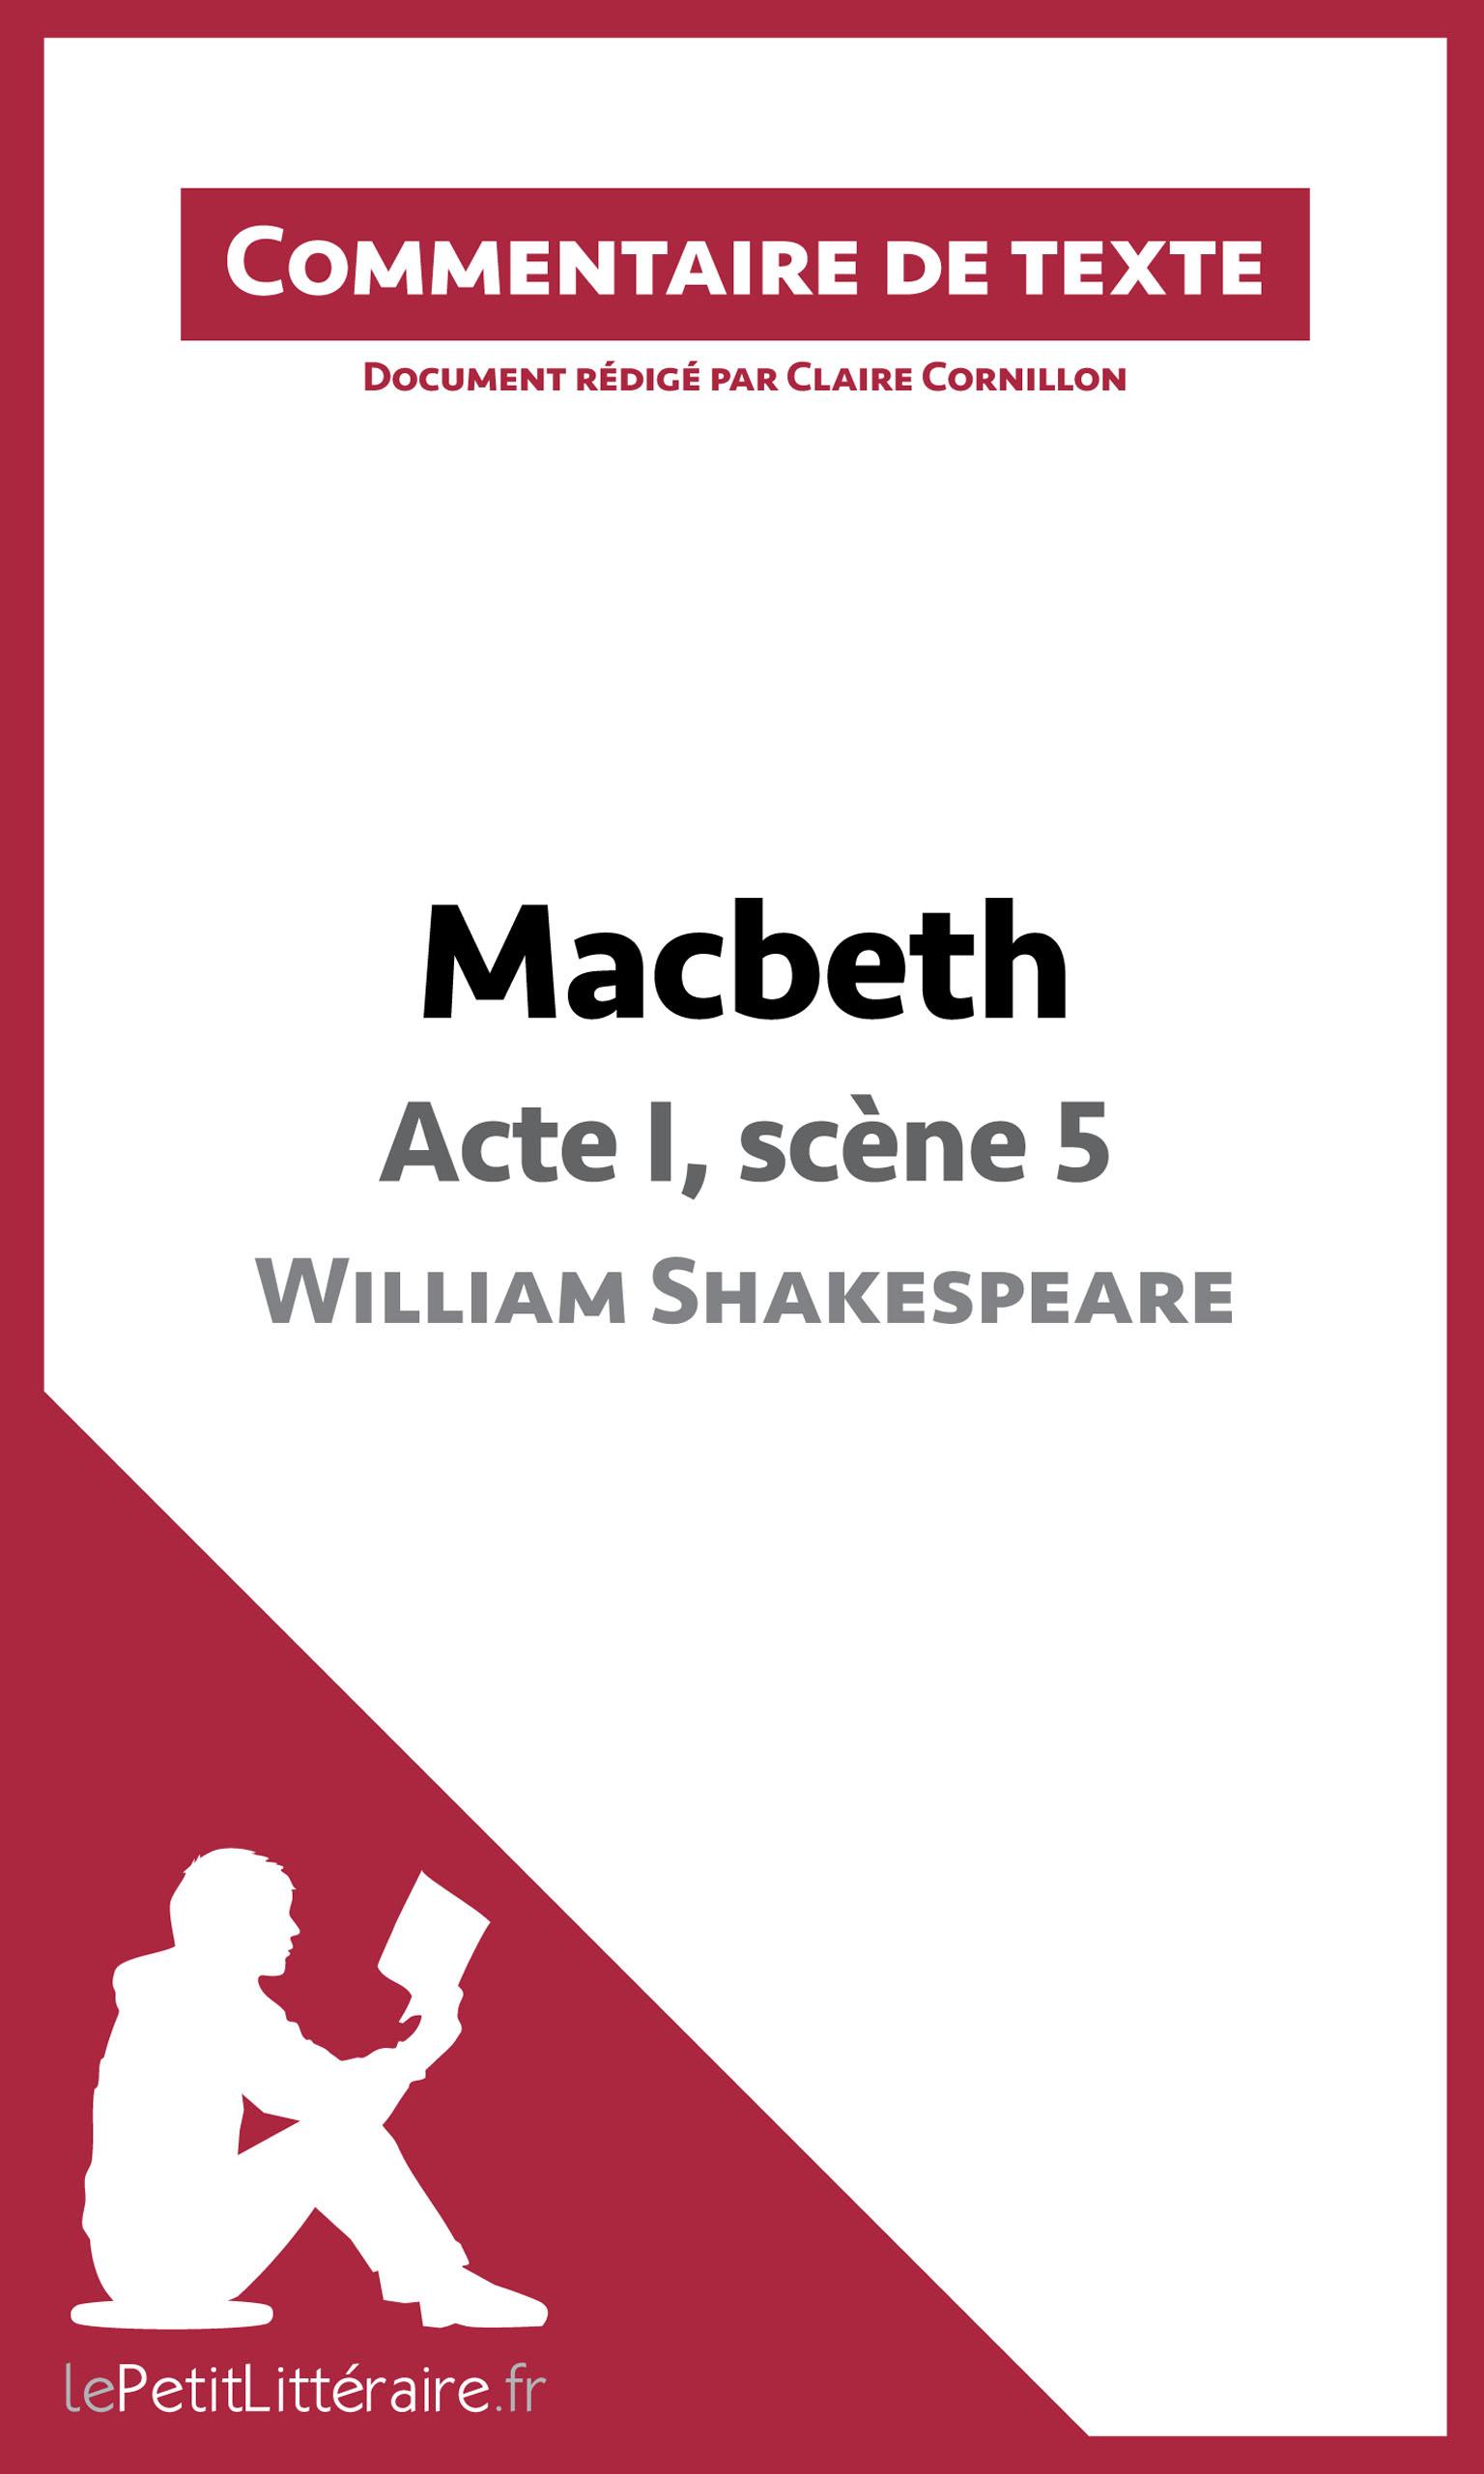 La scène 5 de l'acte I